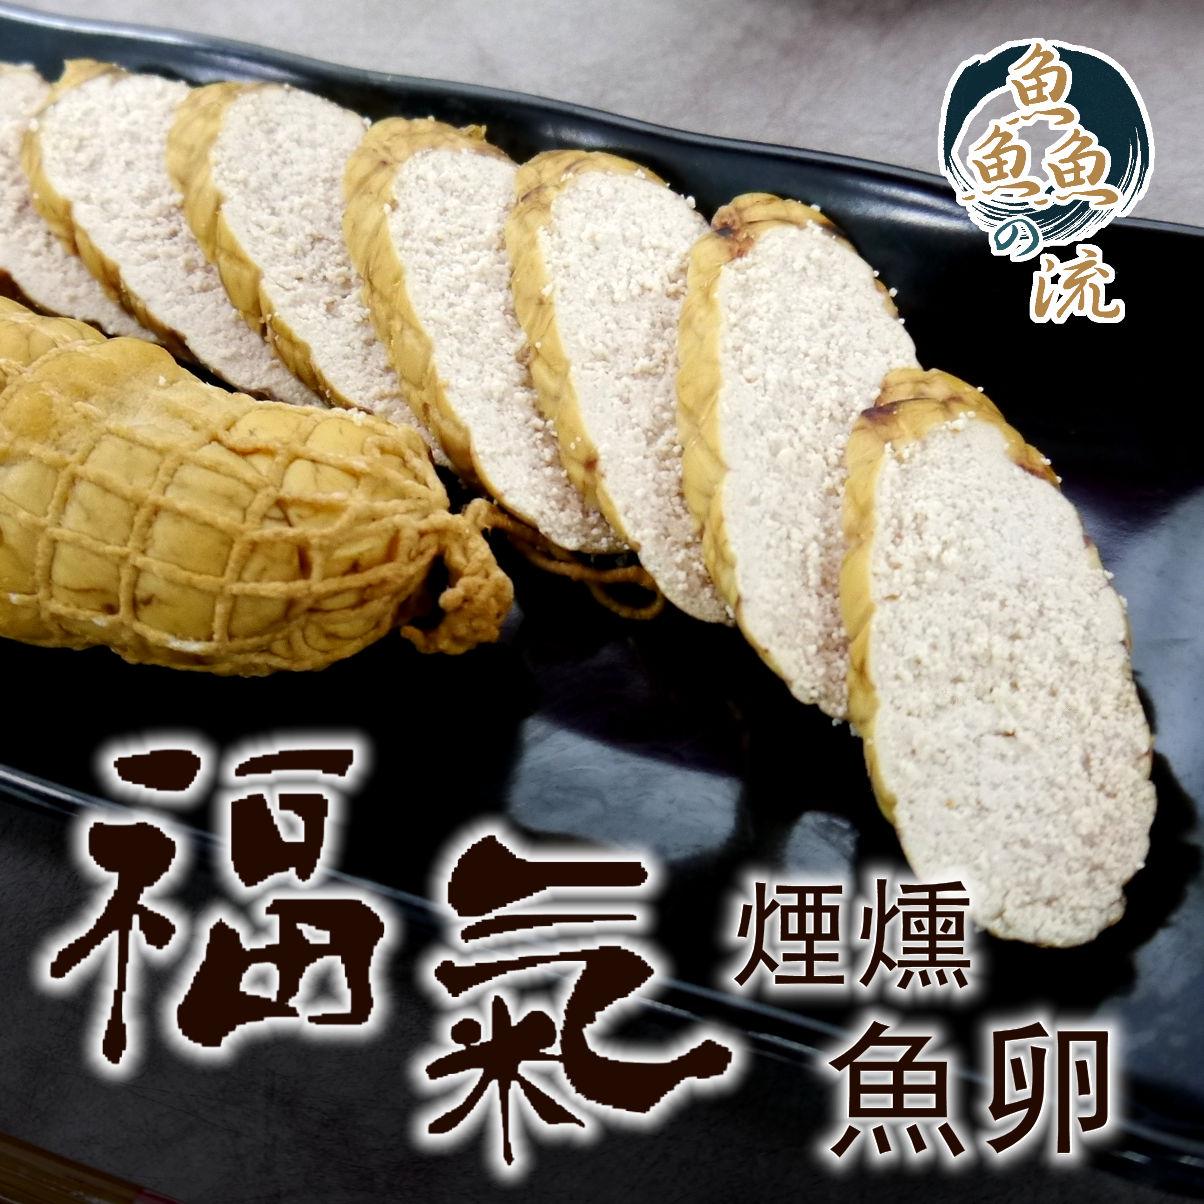 【鮮之流】煙燻福氣魚卵, 150g/包